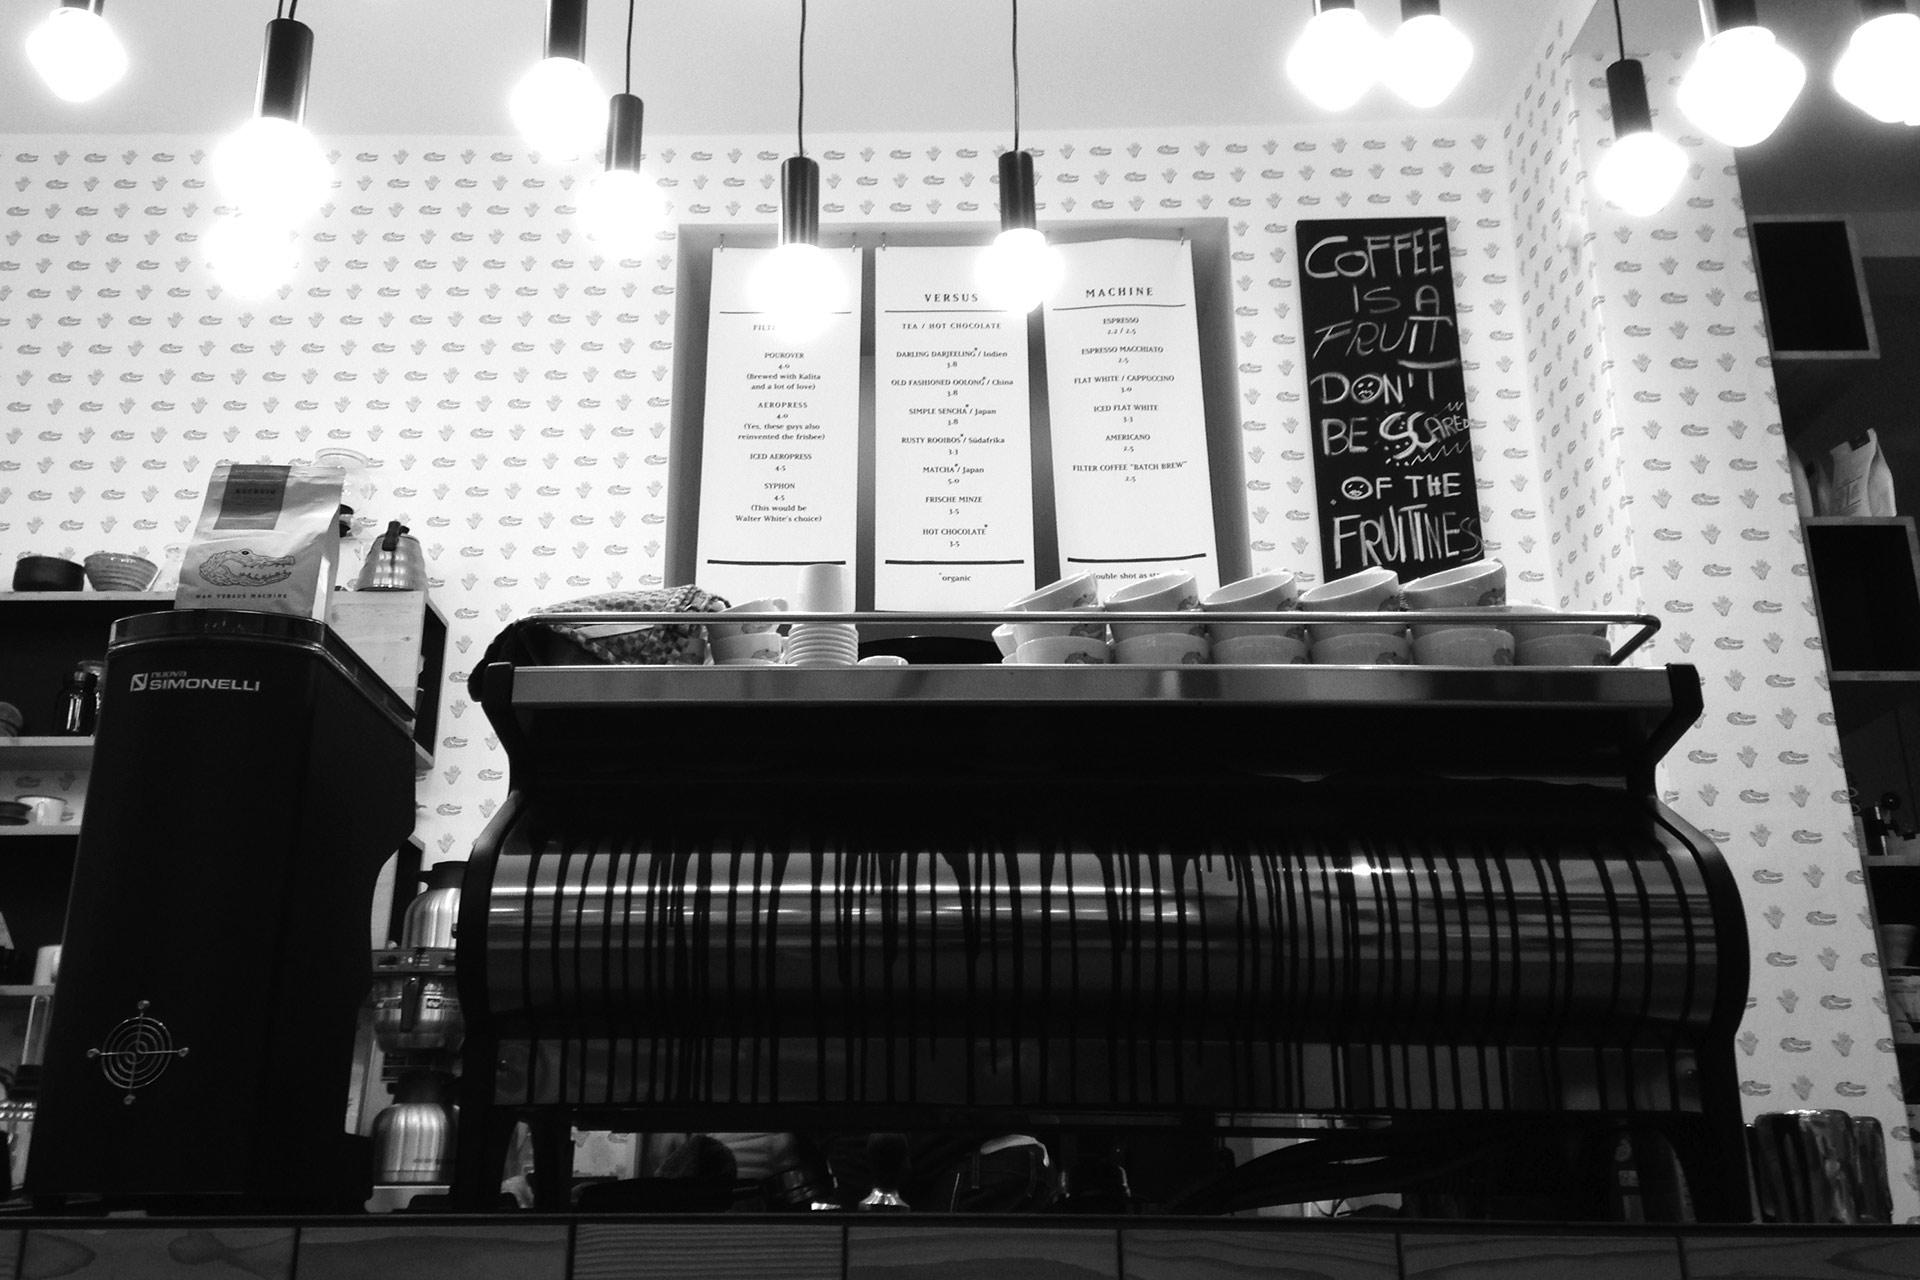 KOFFEIN IM BLUT: Ein Espresso ist Rennradkultur und macht Druck – Espressomaschine in Handmanufaktur gefertigt in der Café Rösterei MAN VERSUS MACHINE © stefandrexl.de